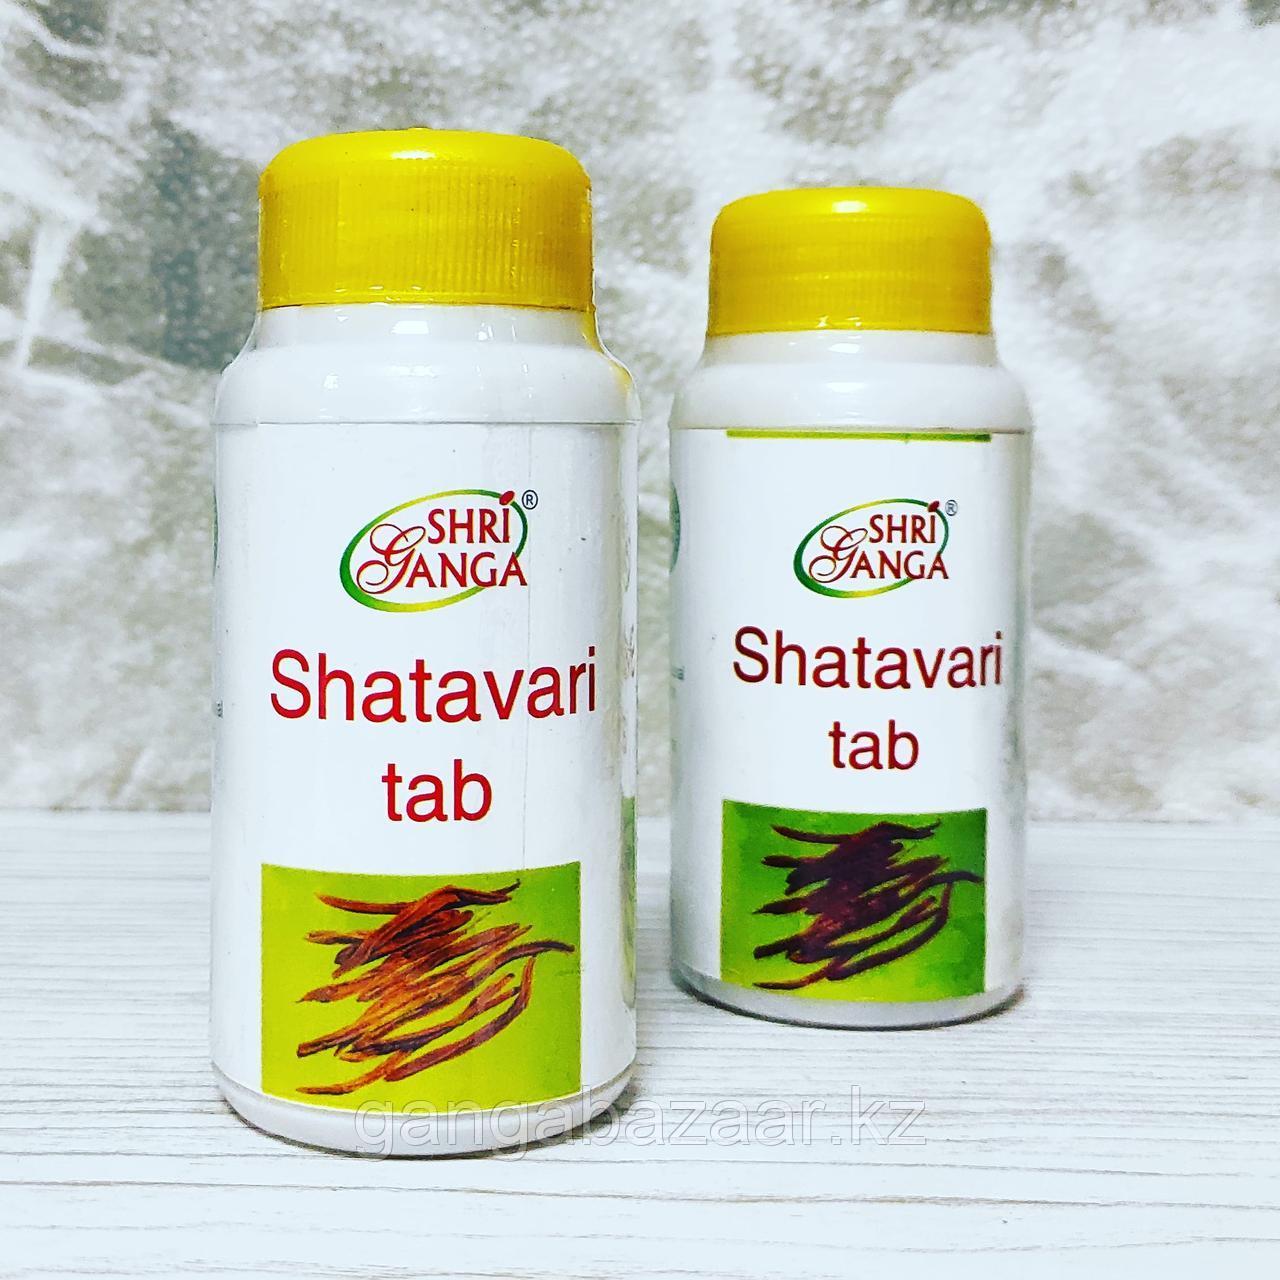 Шатавари Шри Ганга Shatavari Shri Ganga - гормональные нарушения, лактация, бесплодие, эндометриоз 200 таб